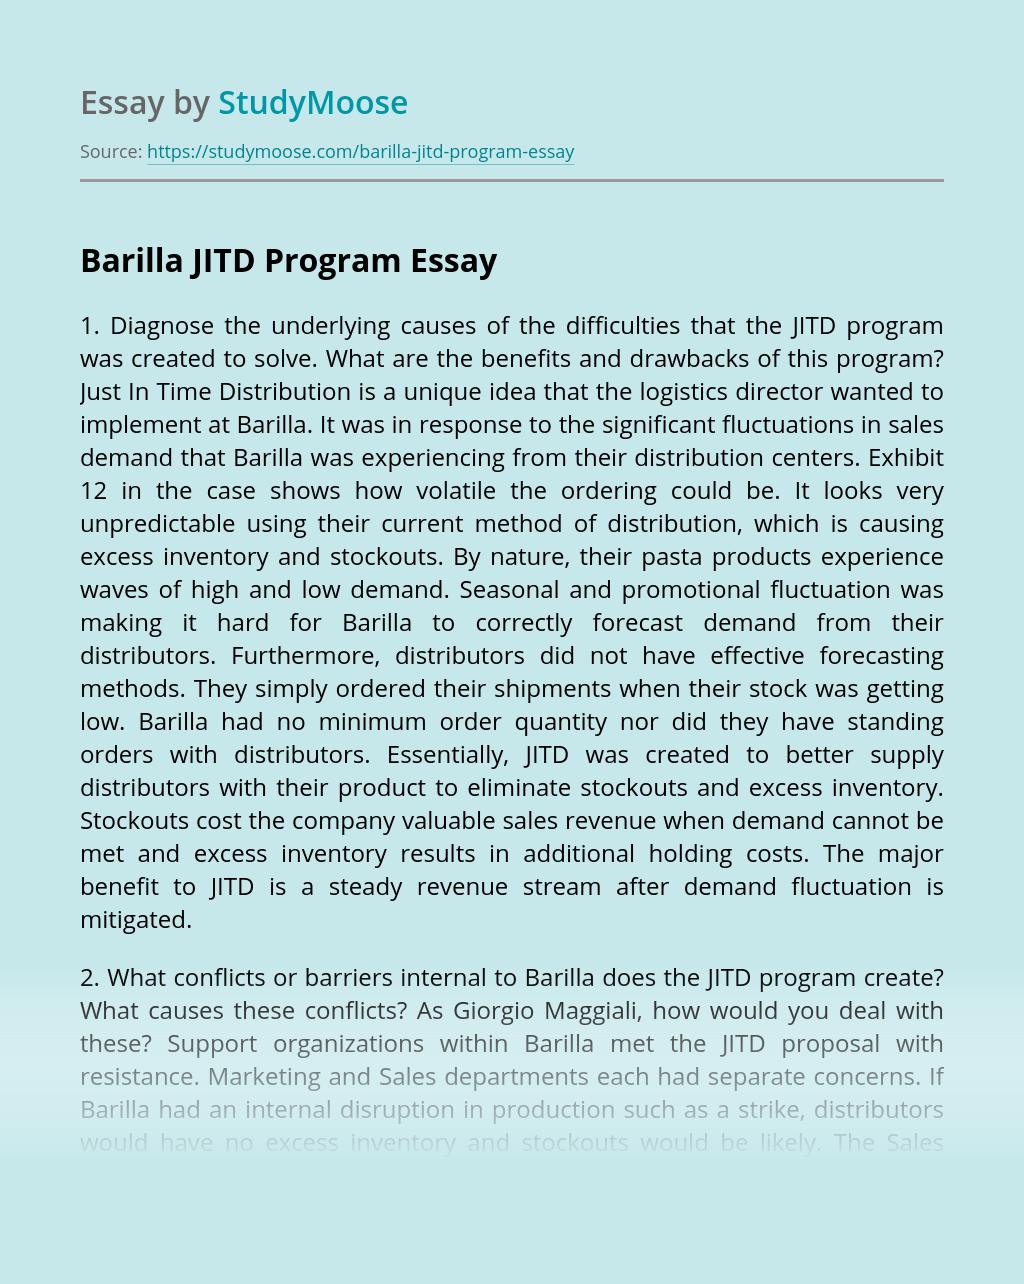 Barilla JITD Program